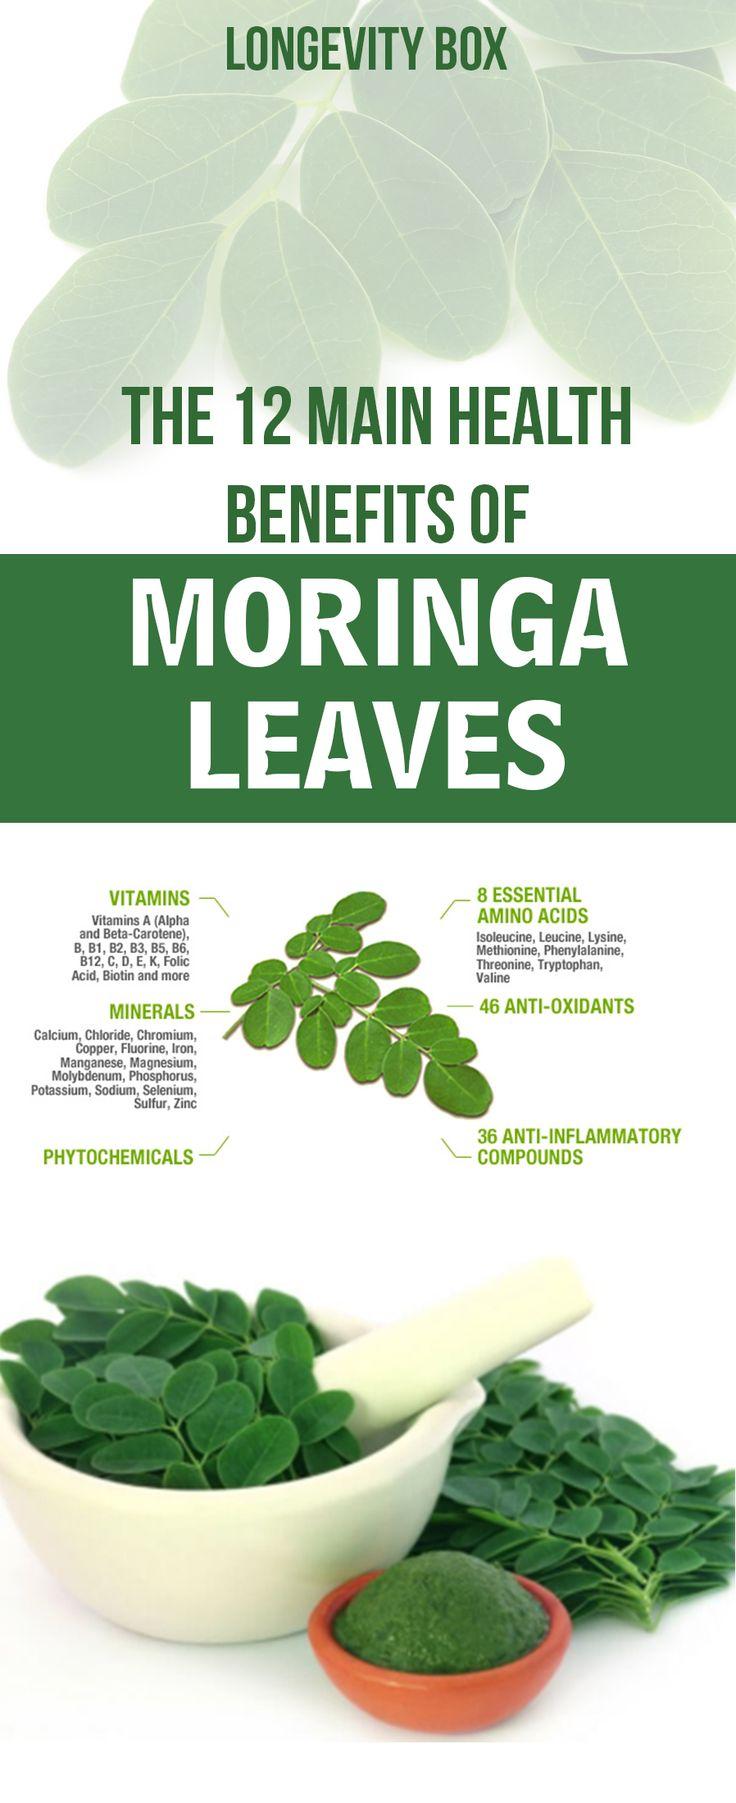 The 12 Main Health Benefits Of Moringa Leaves